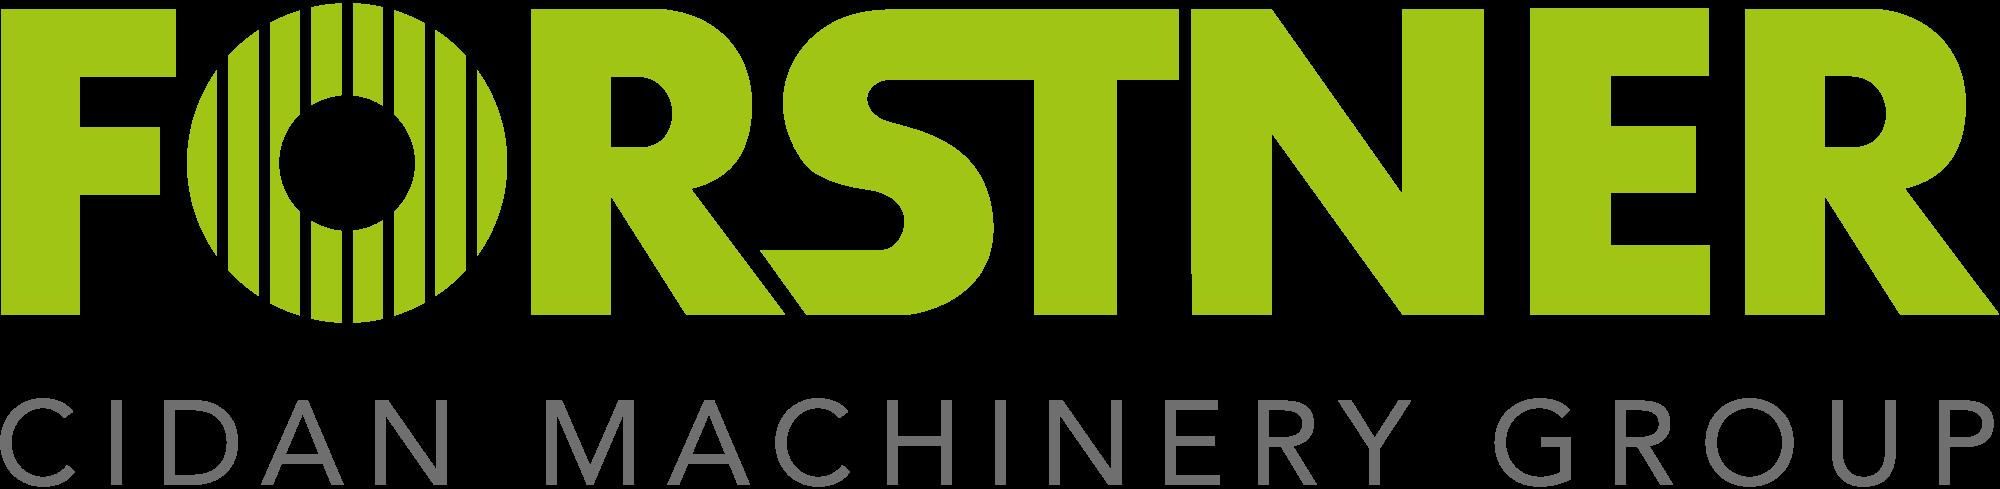 Forstner logo